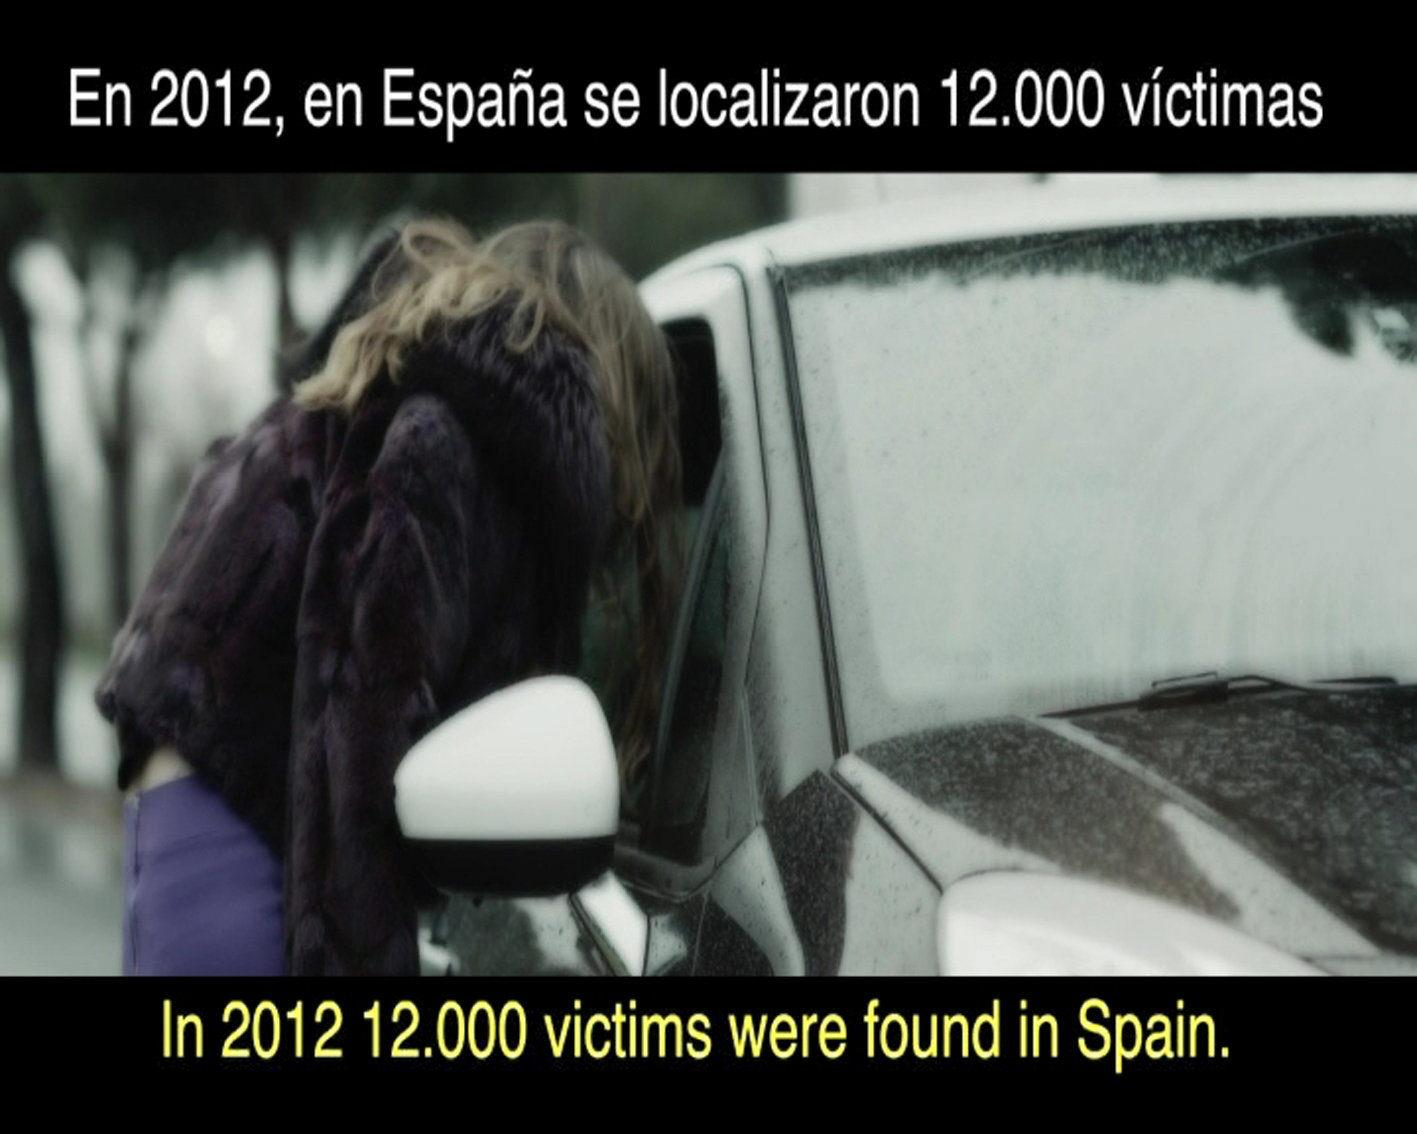 Una treintena de niñas que estaban siendo explotadas en España son rescatadas en el último año